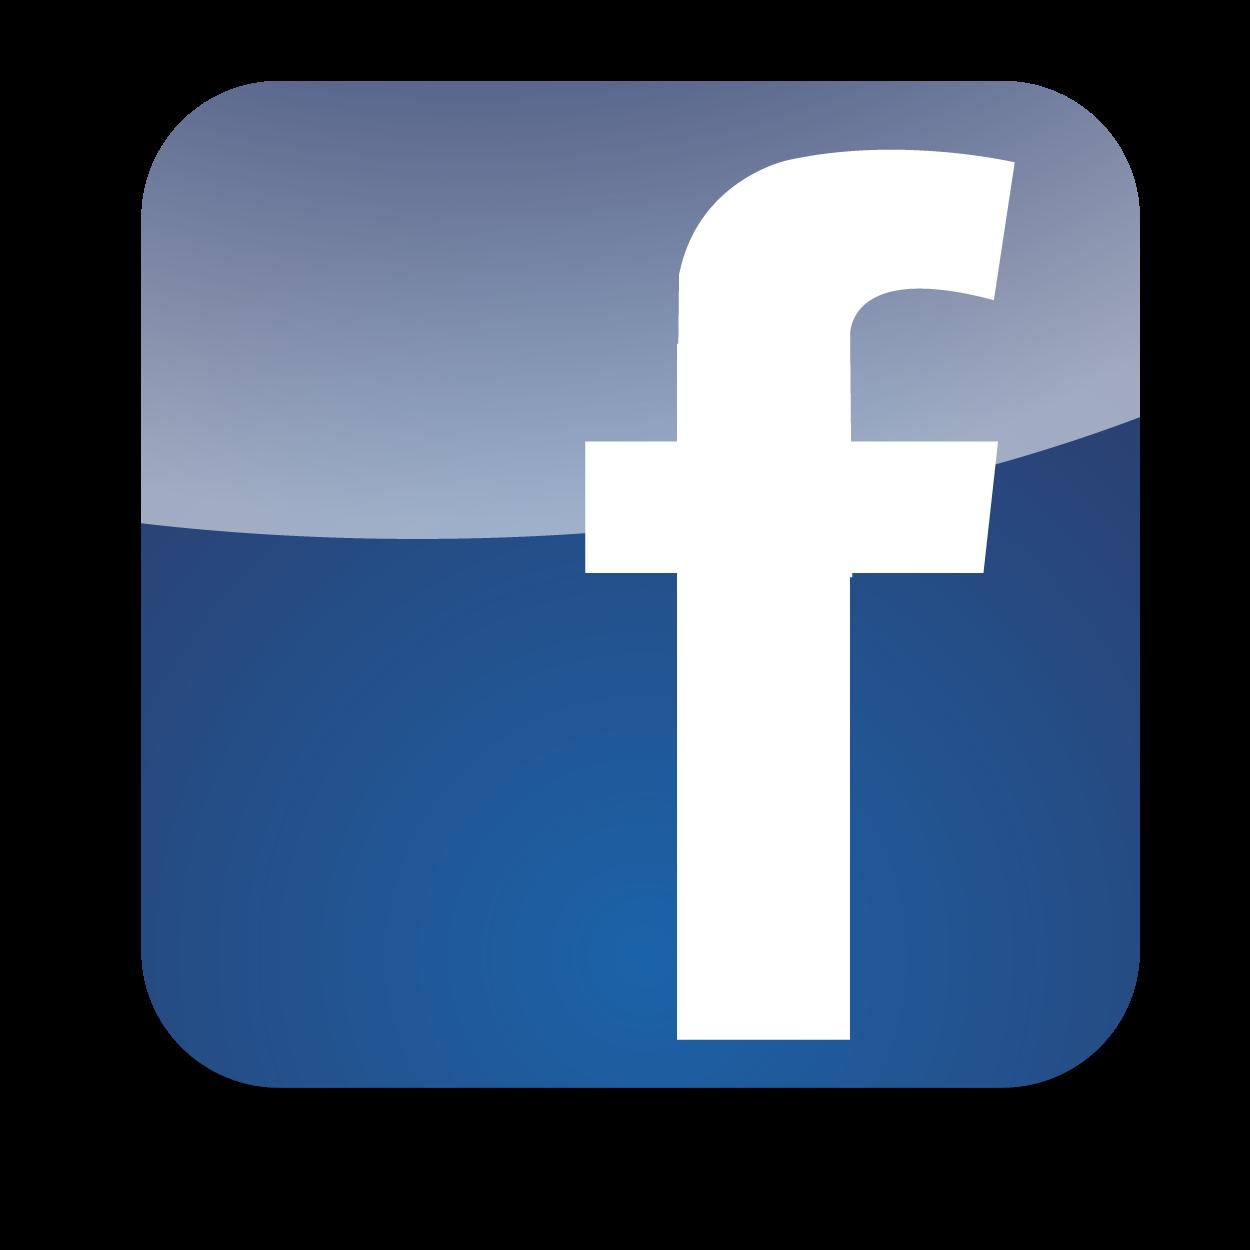 Facebook: Mykola Makhnii